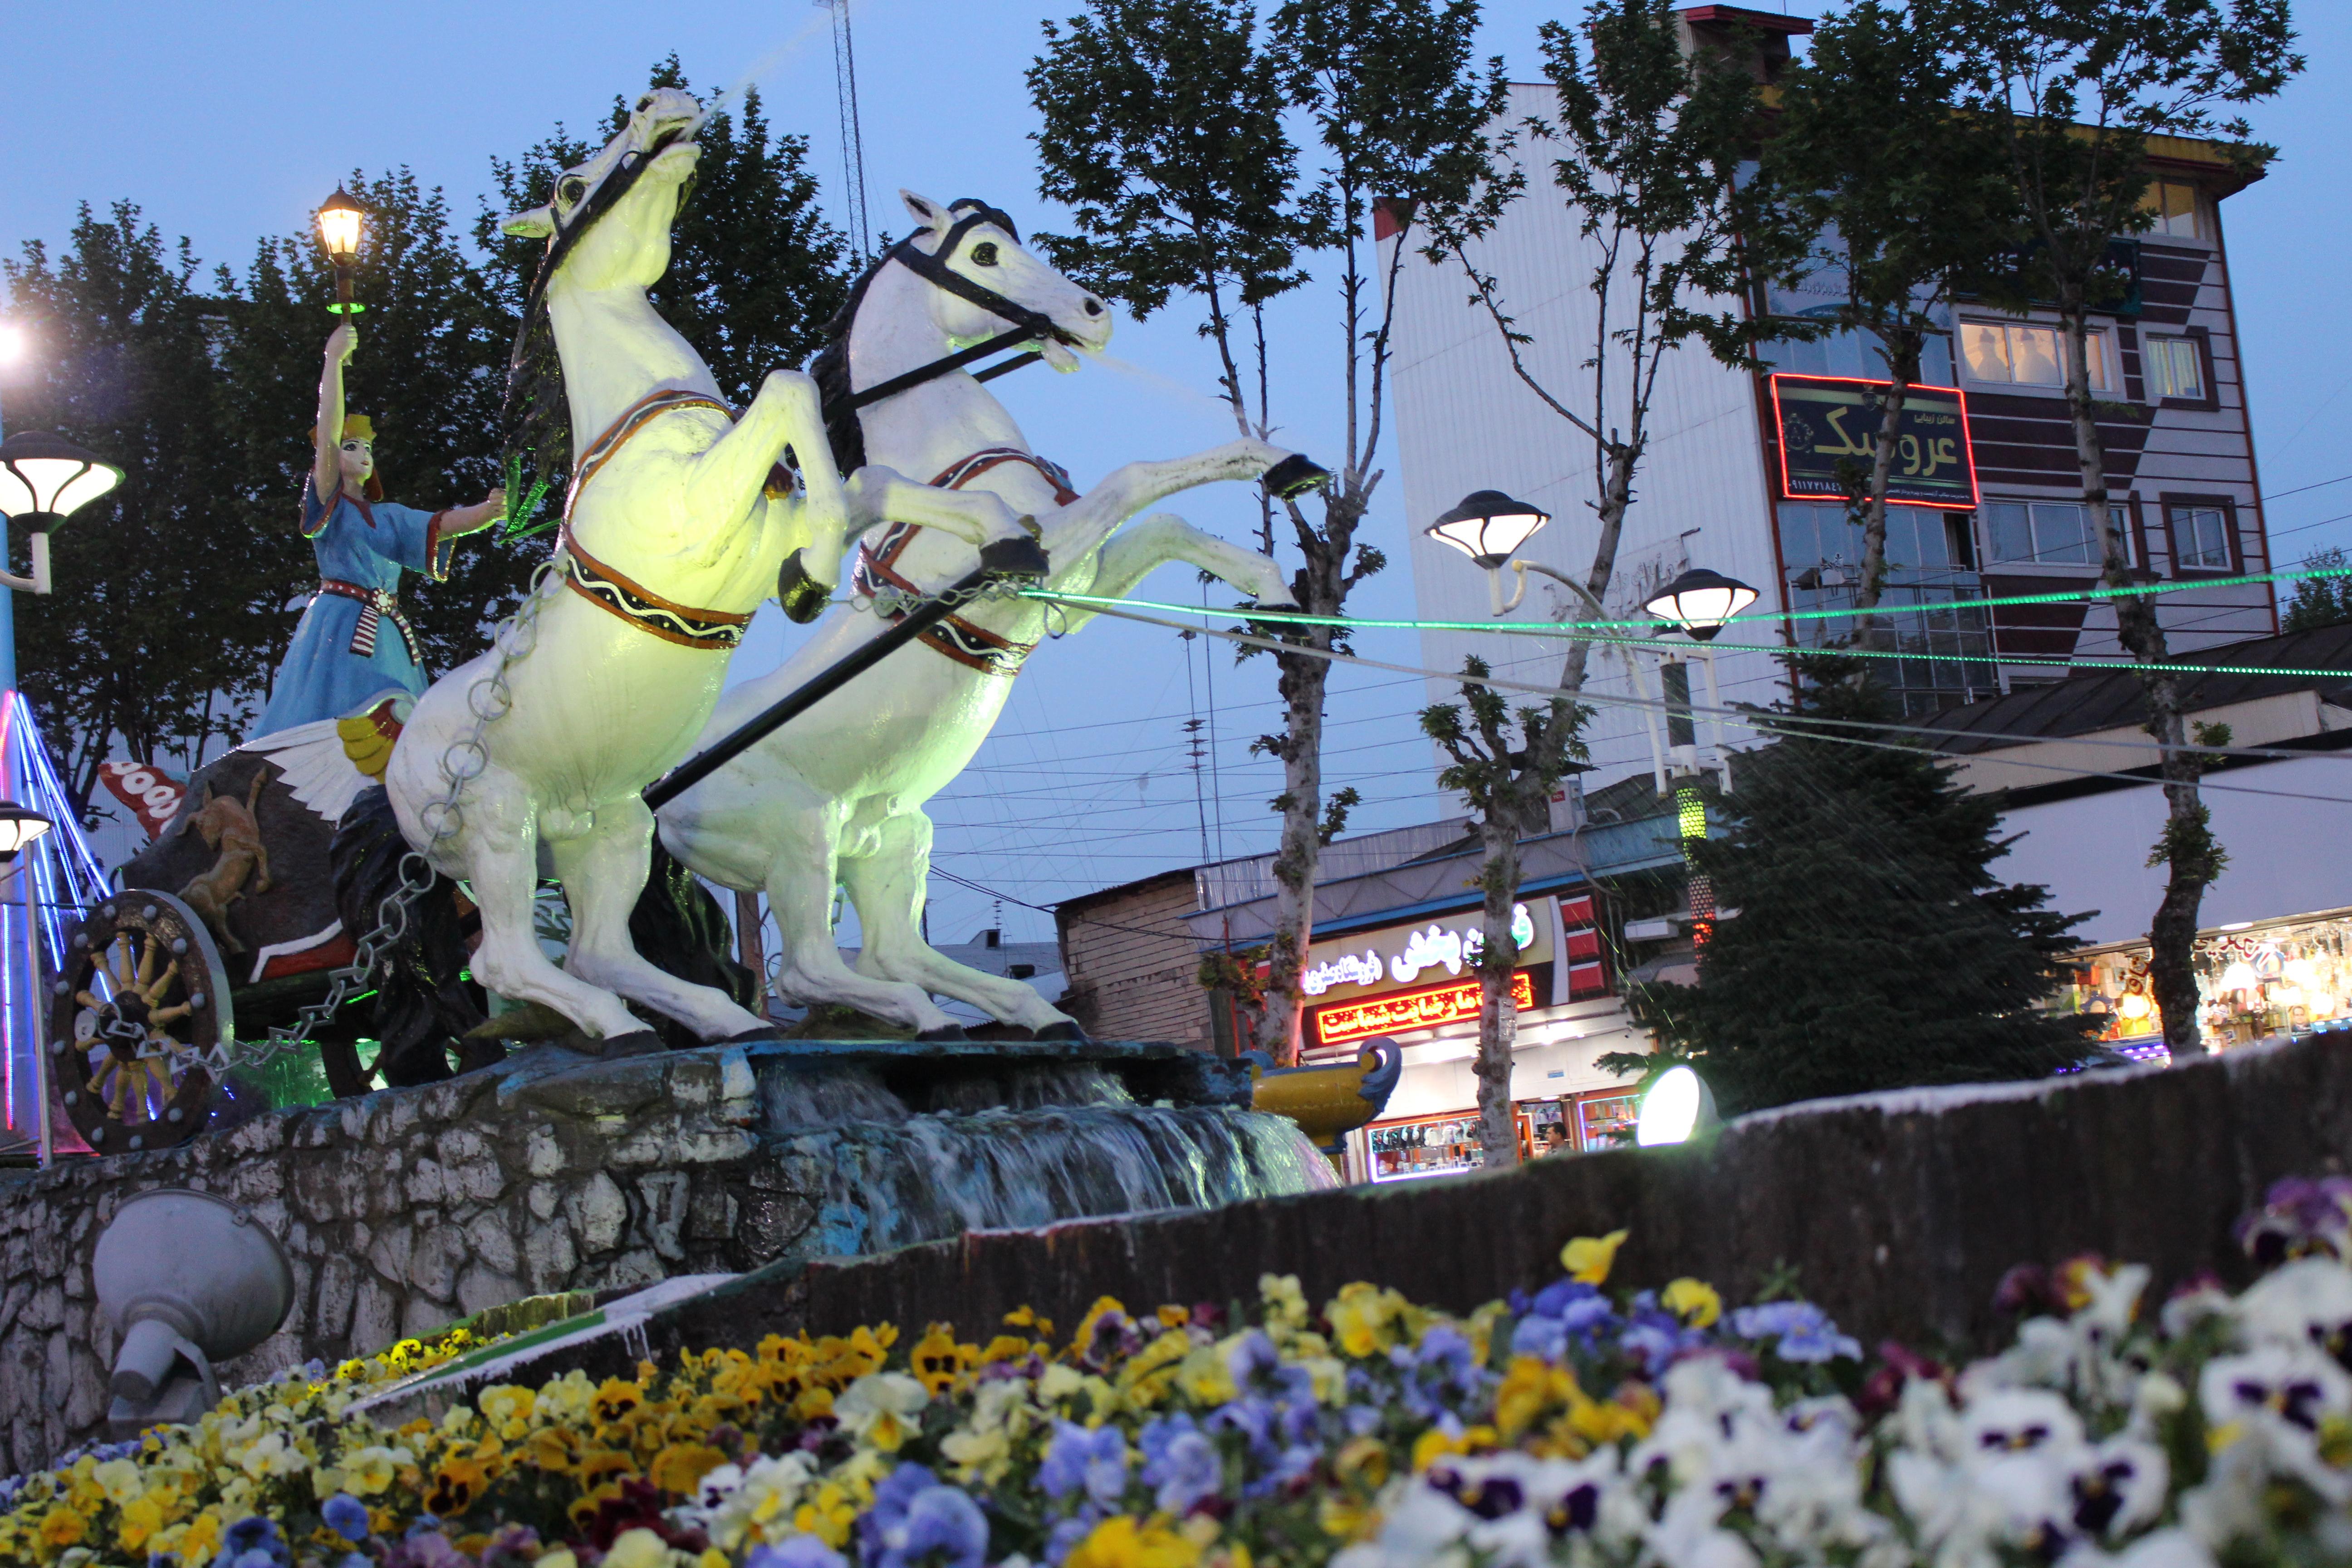 آمادگی کامل شهر داری فومن شهر مجسمه ها،درختان چنار و کلوچه در استقبال از بهار و مهمانان نوروزی